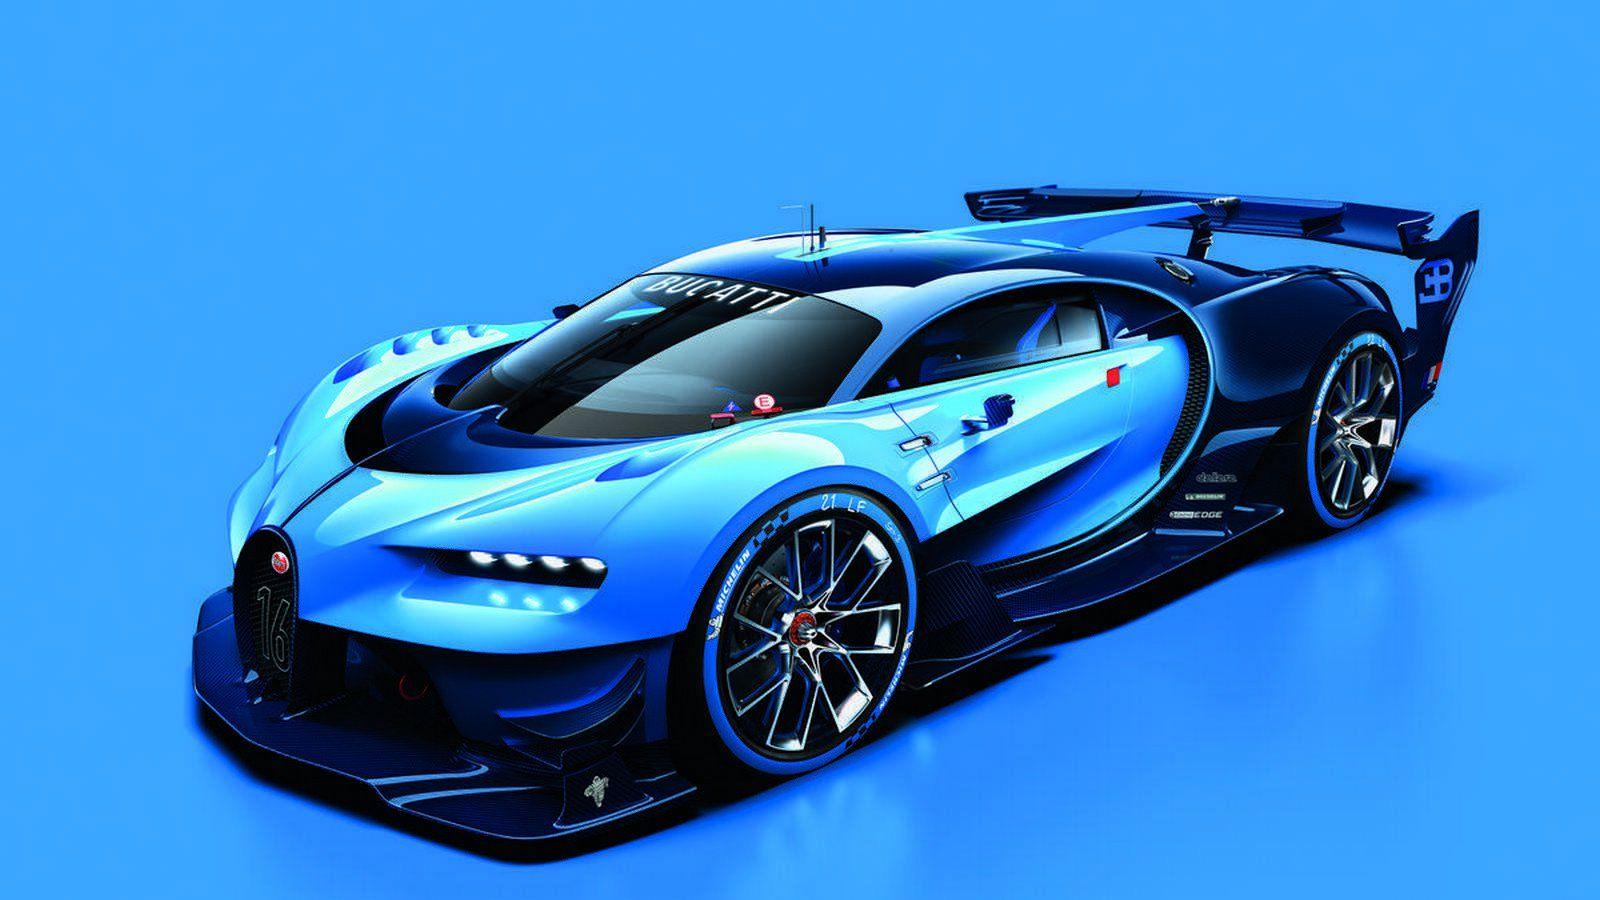 Bugatti Vision Gran Turismo Concept Official Sketch Futuristic Cars Bugatti Cars Super Cars